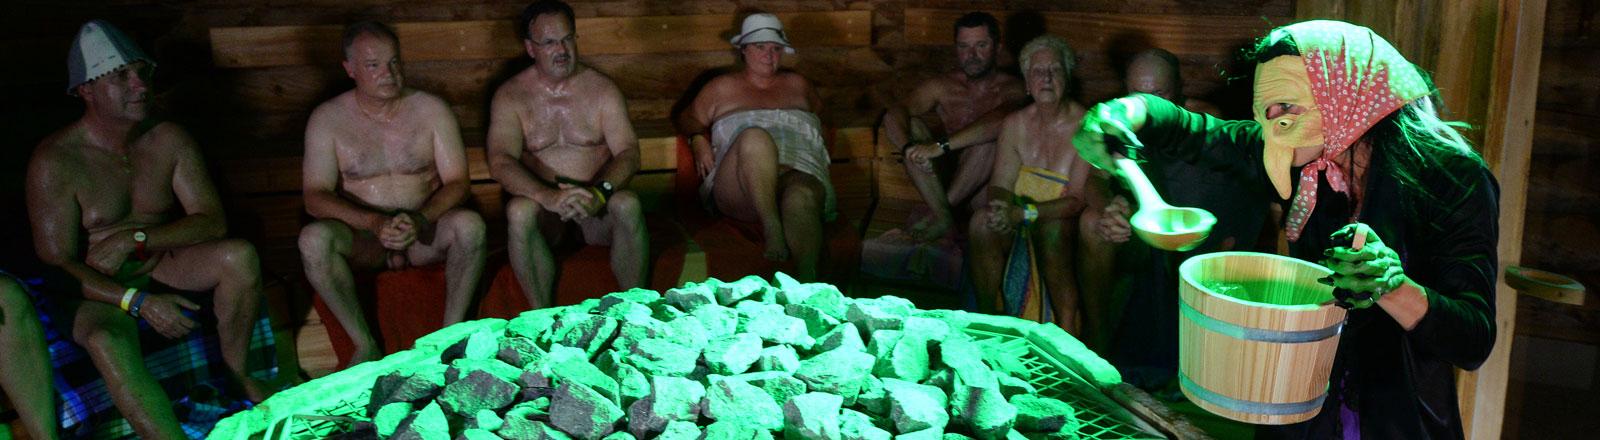 Show-Aufguss im Hexenkostüm in der Sauna